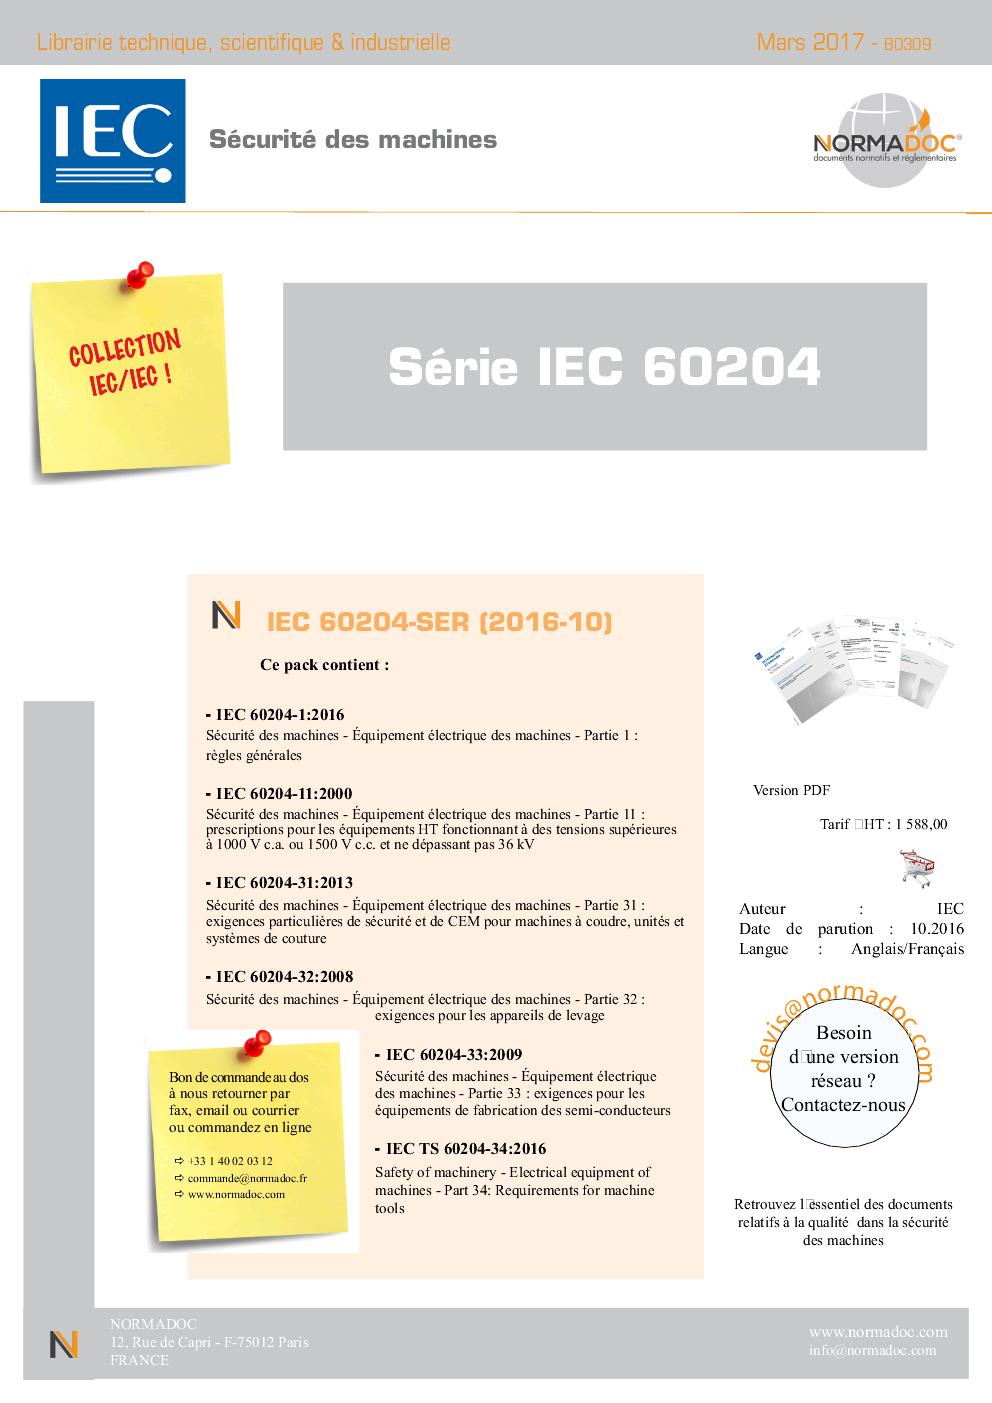 IEC 60204 Series